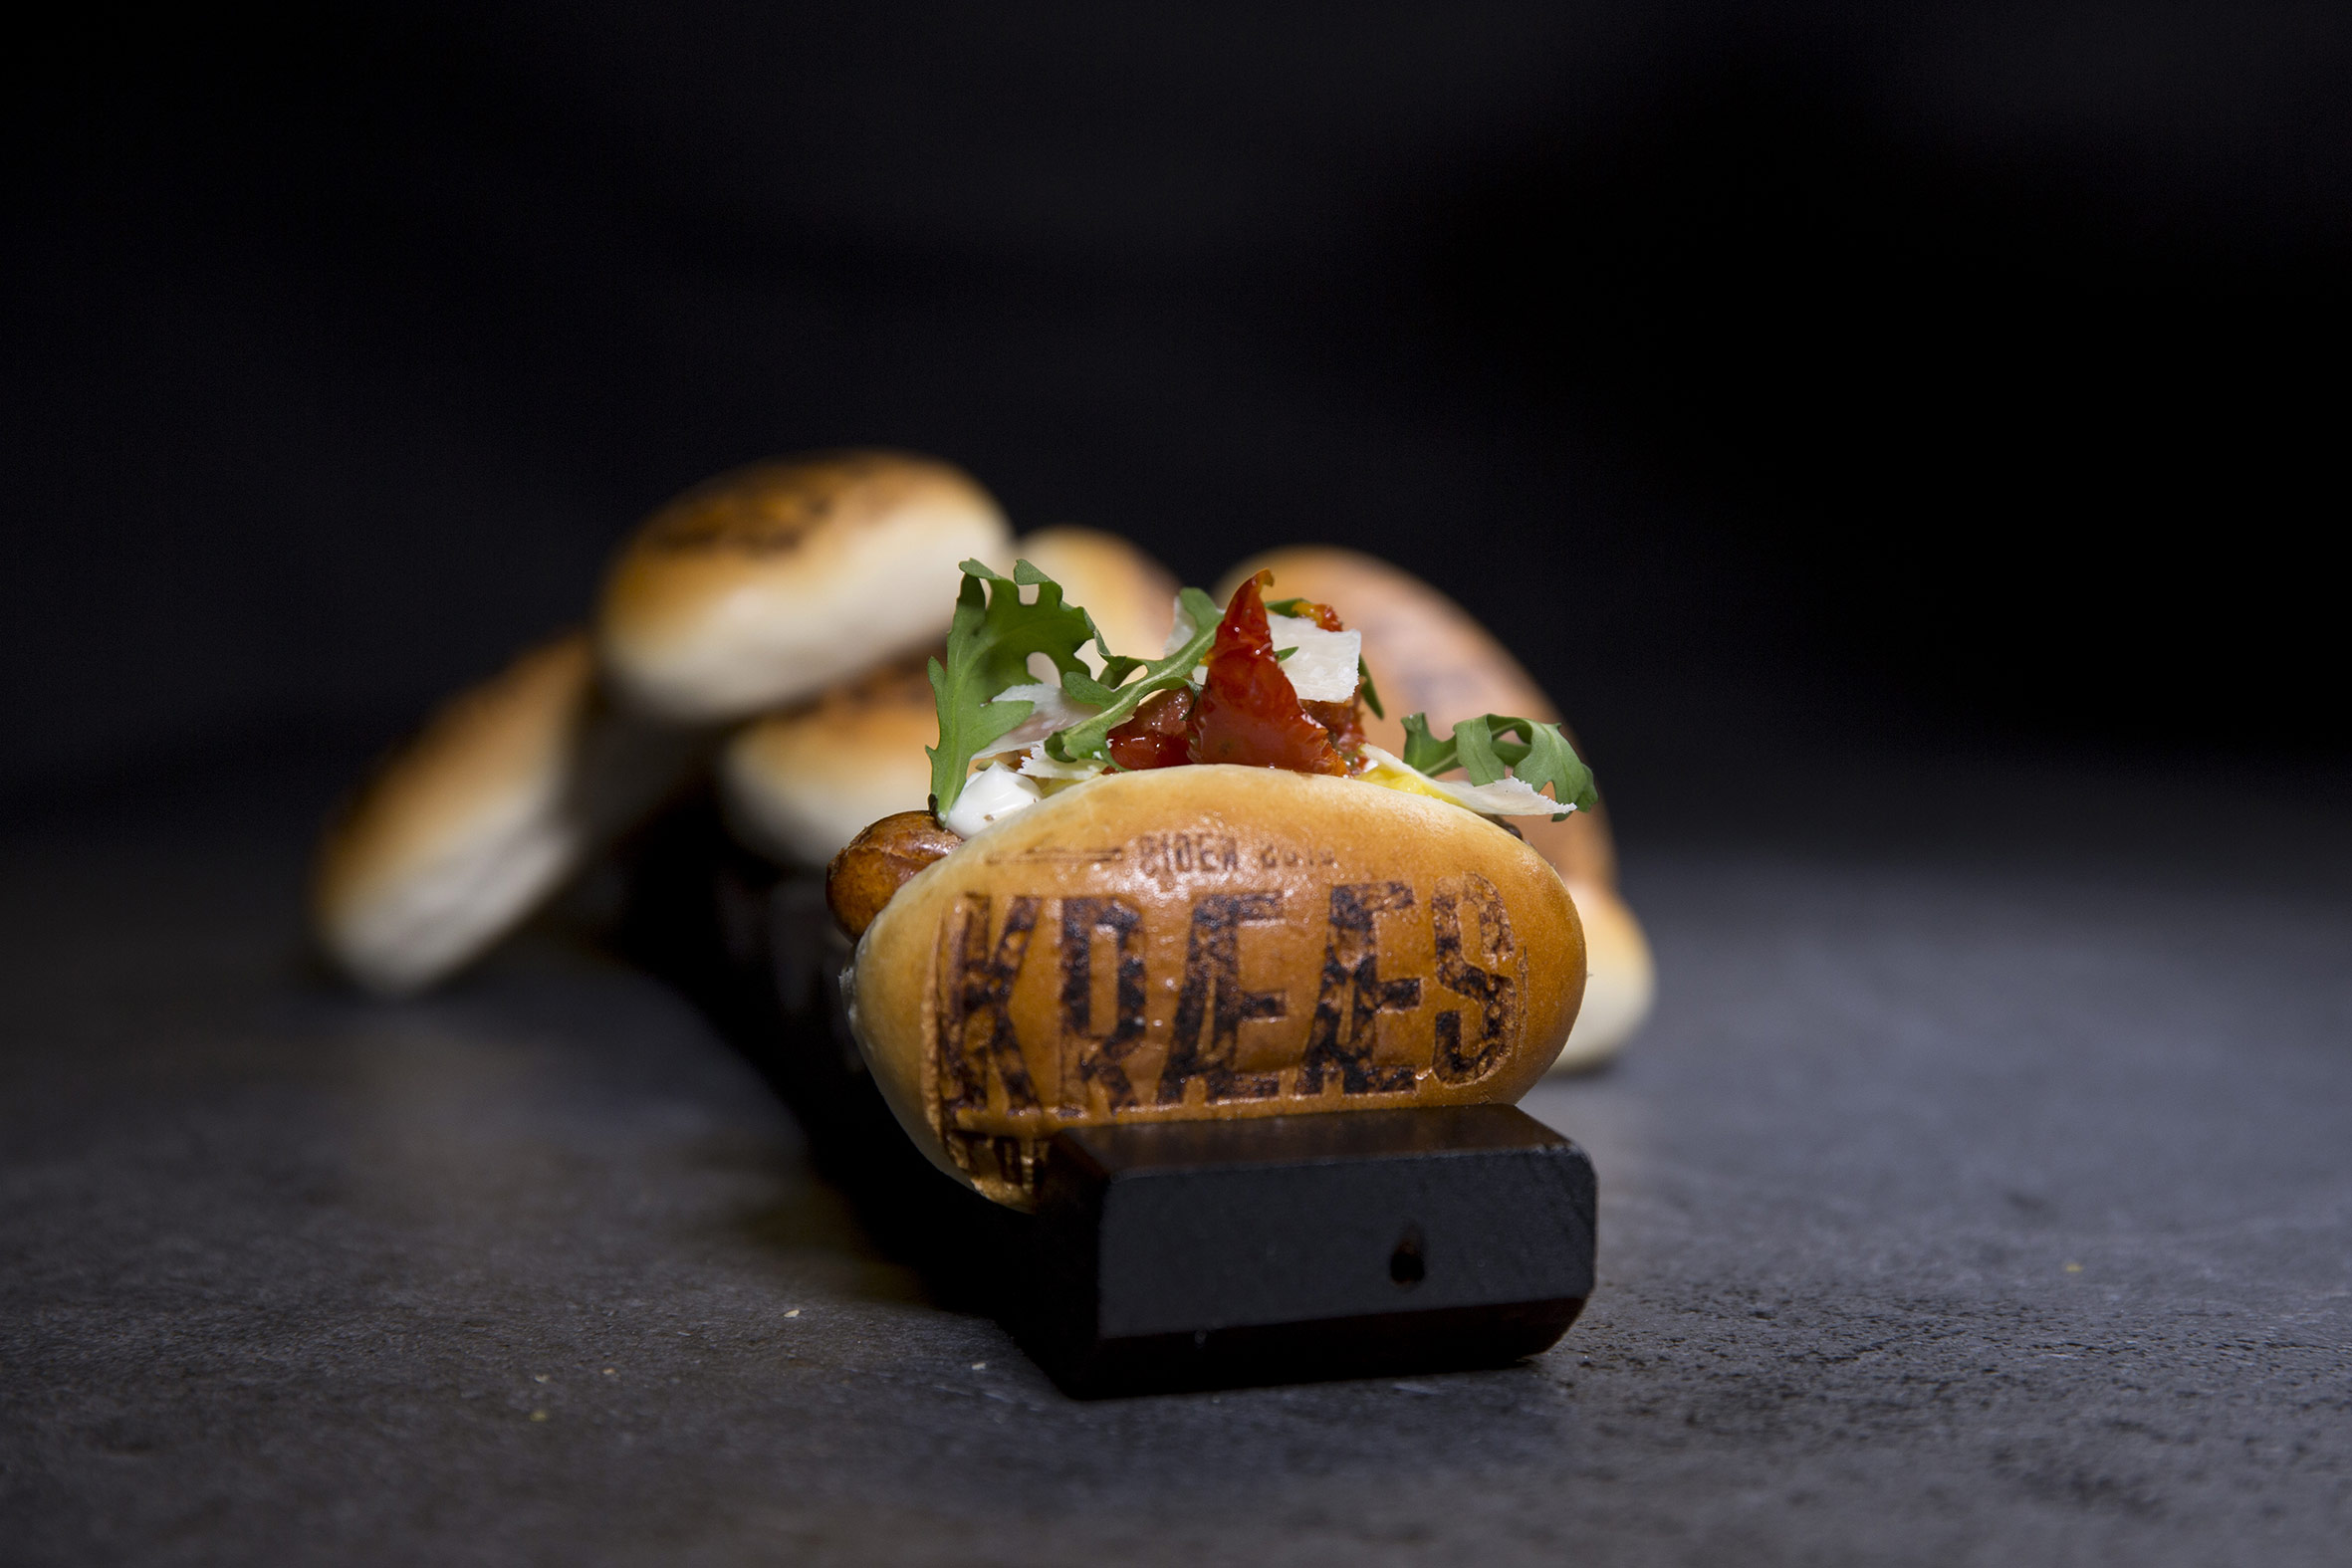 Mini hotdog Italien style